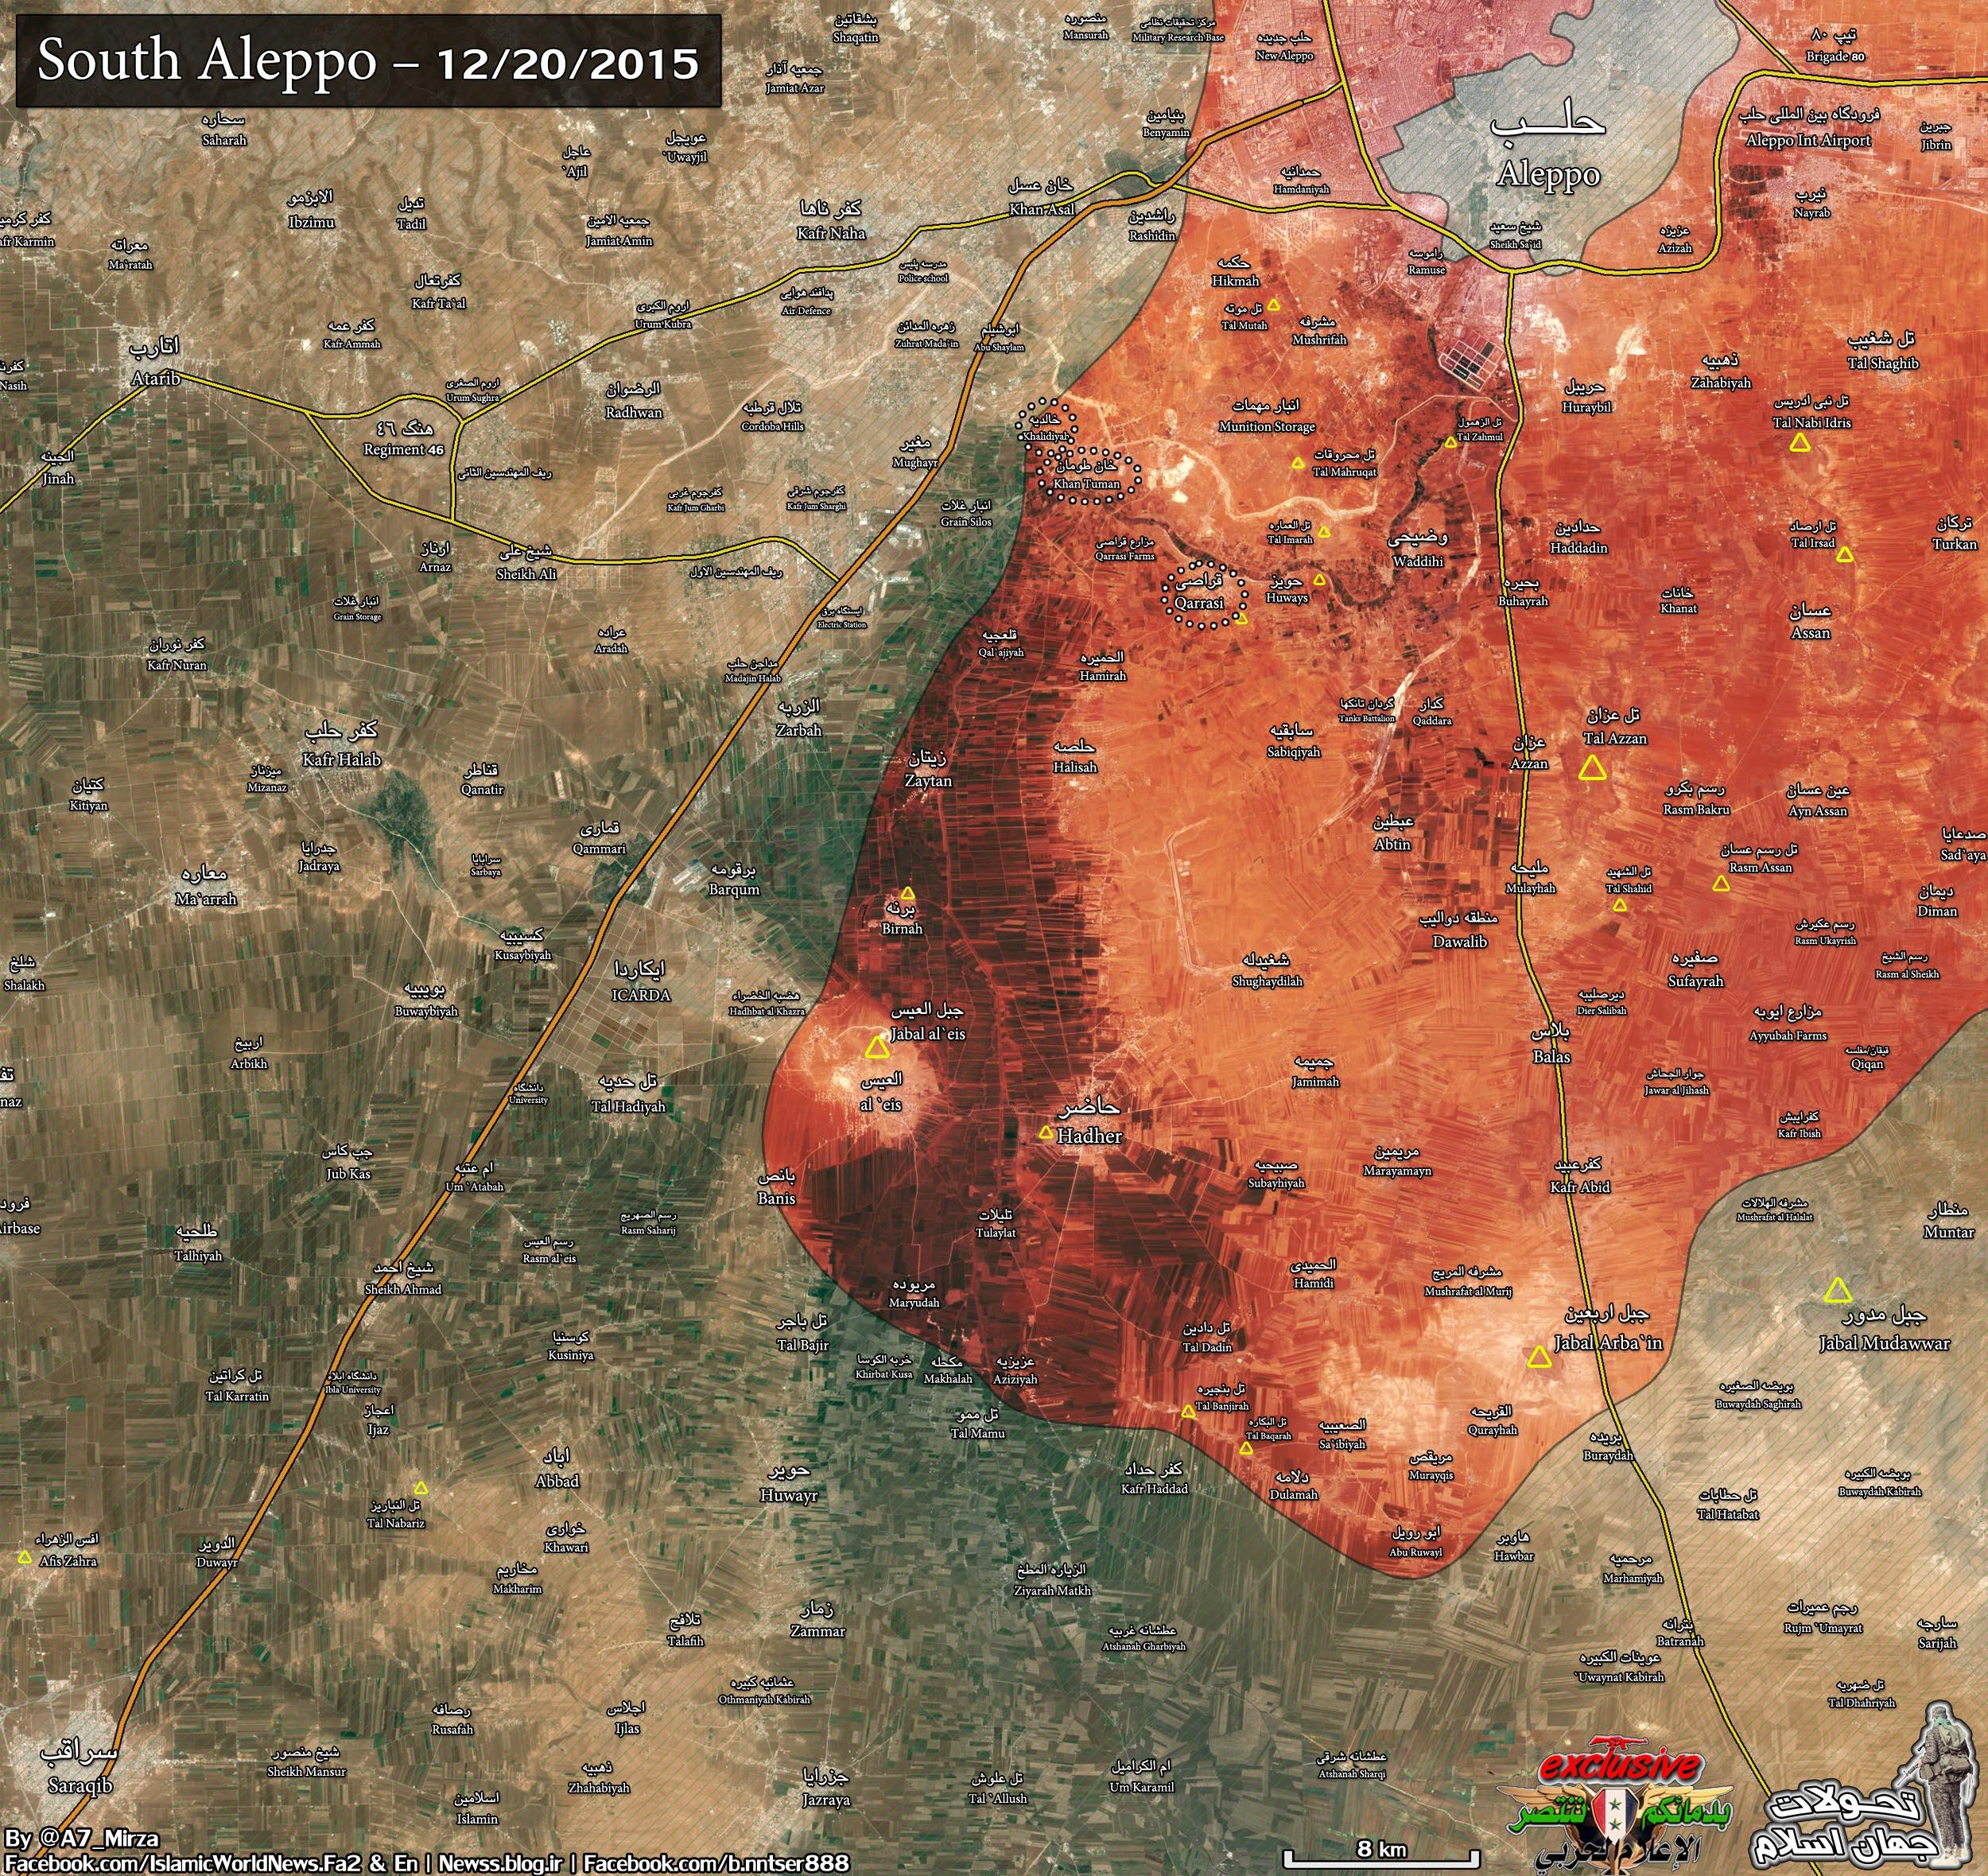 Карта, военная ситуация в Южном Алеппо, Сирия